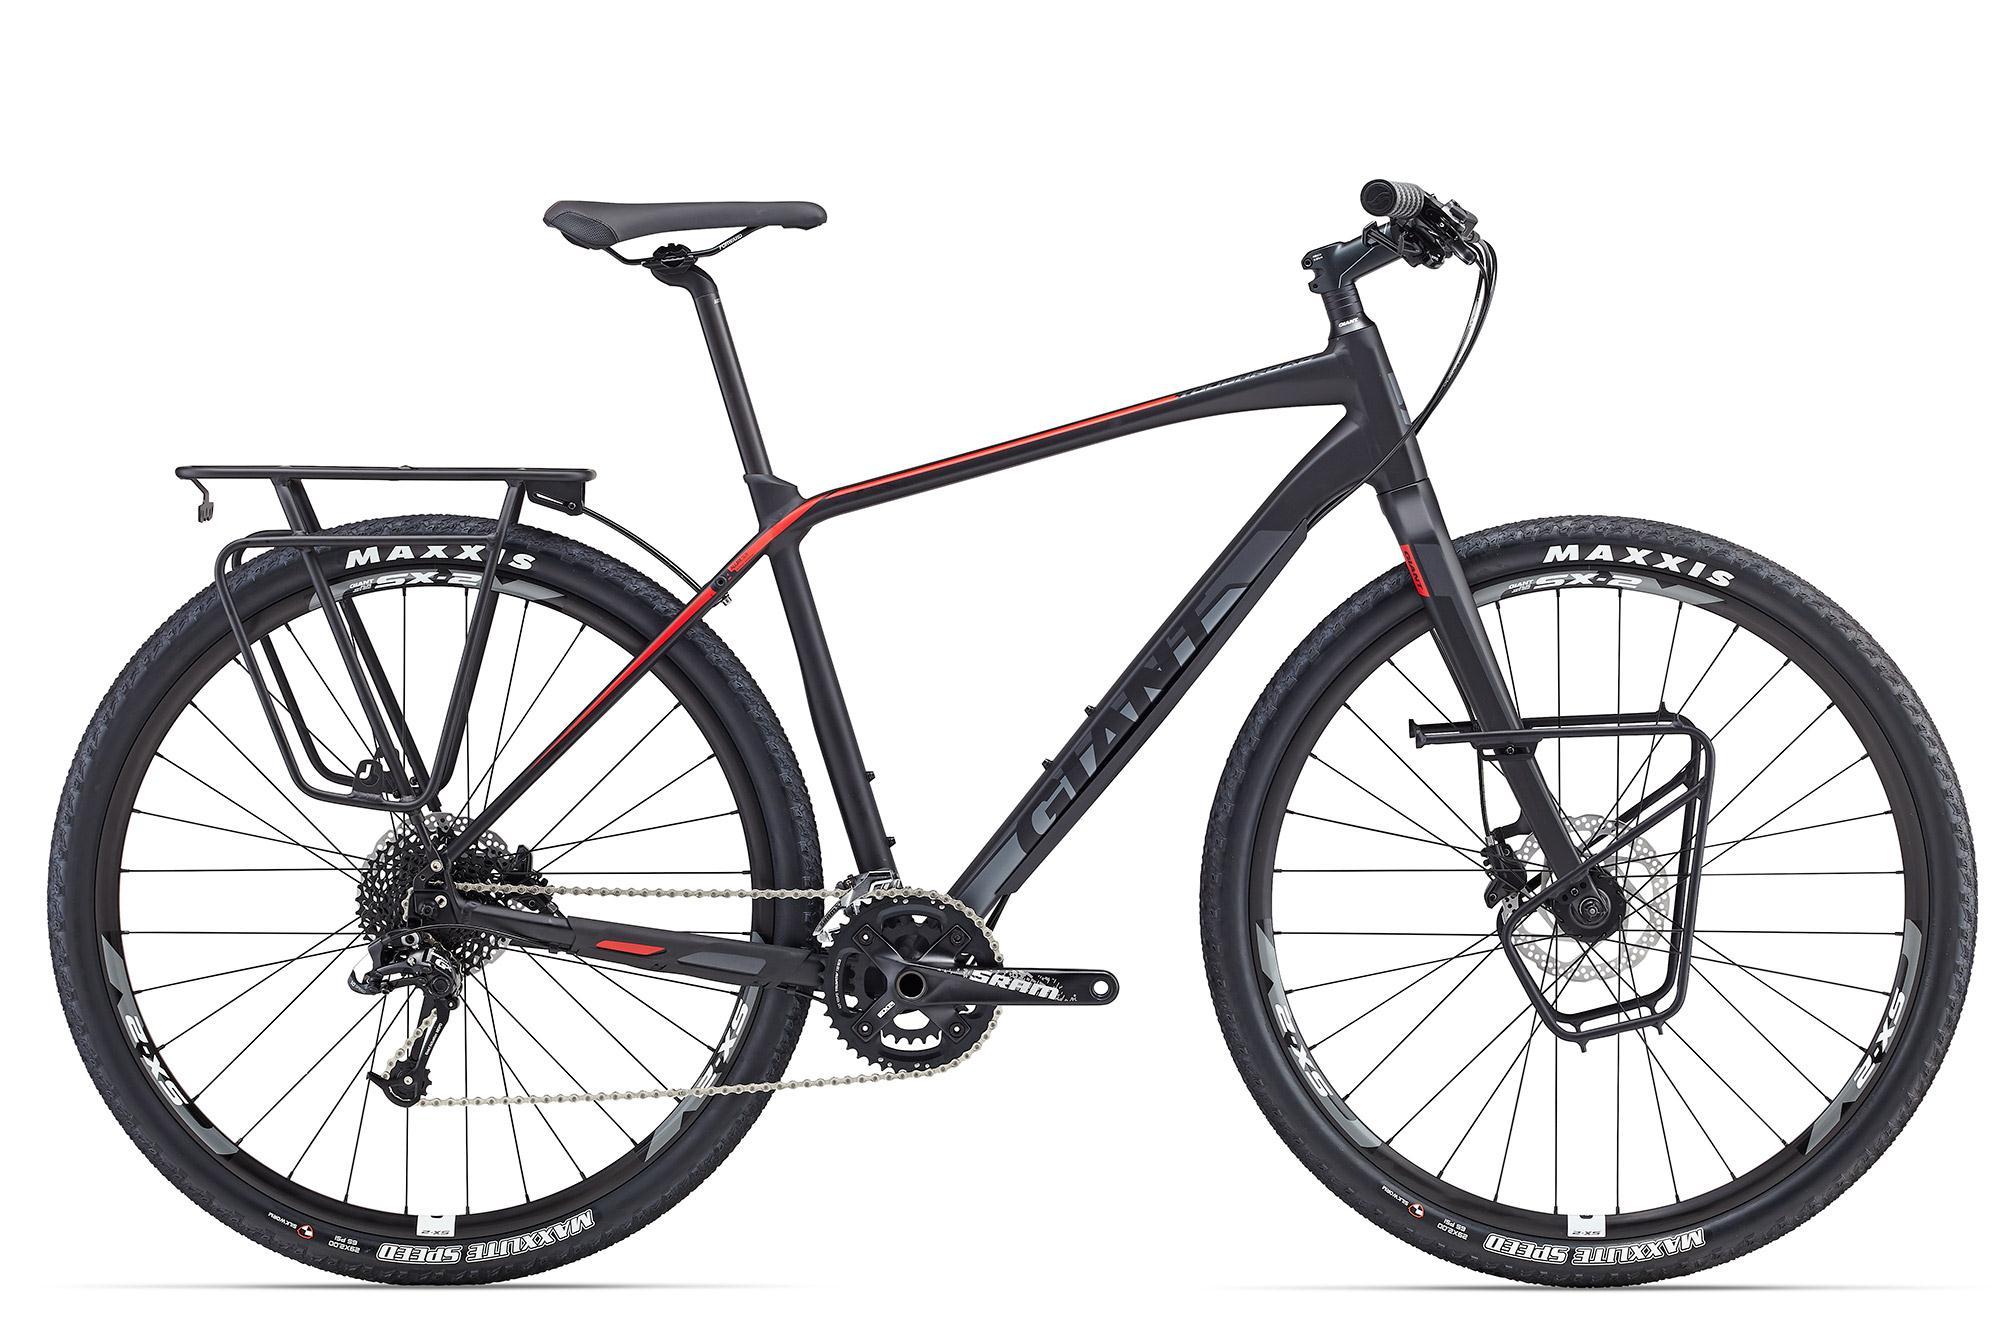 The New Giant Toughroad Touring Bikes